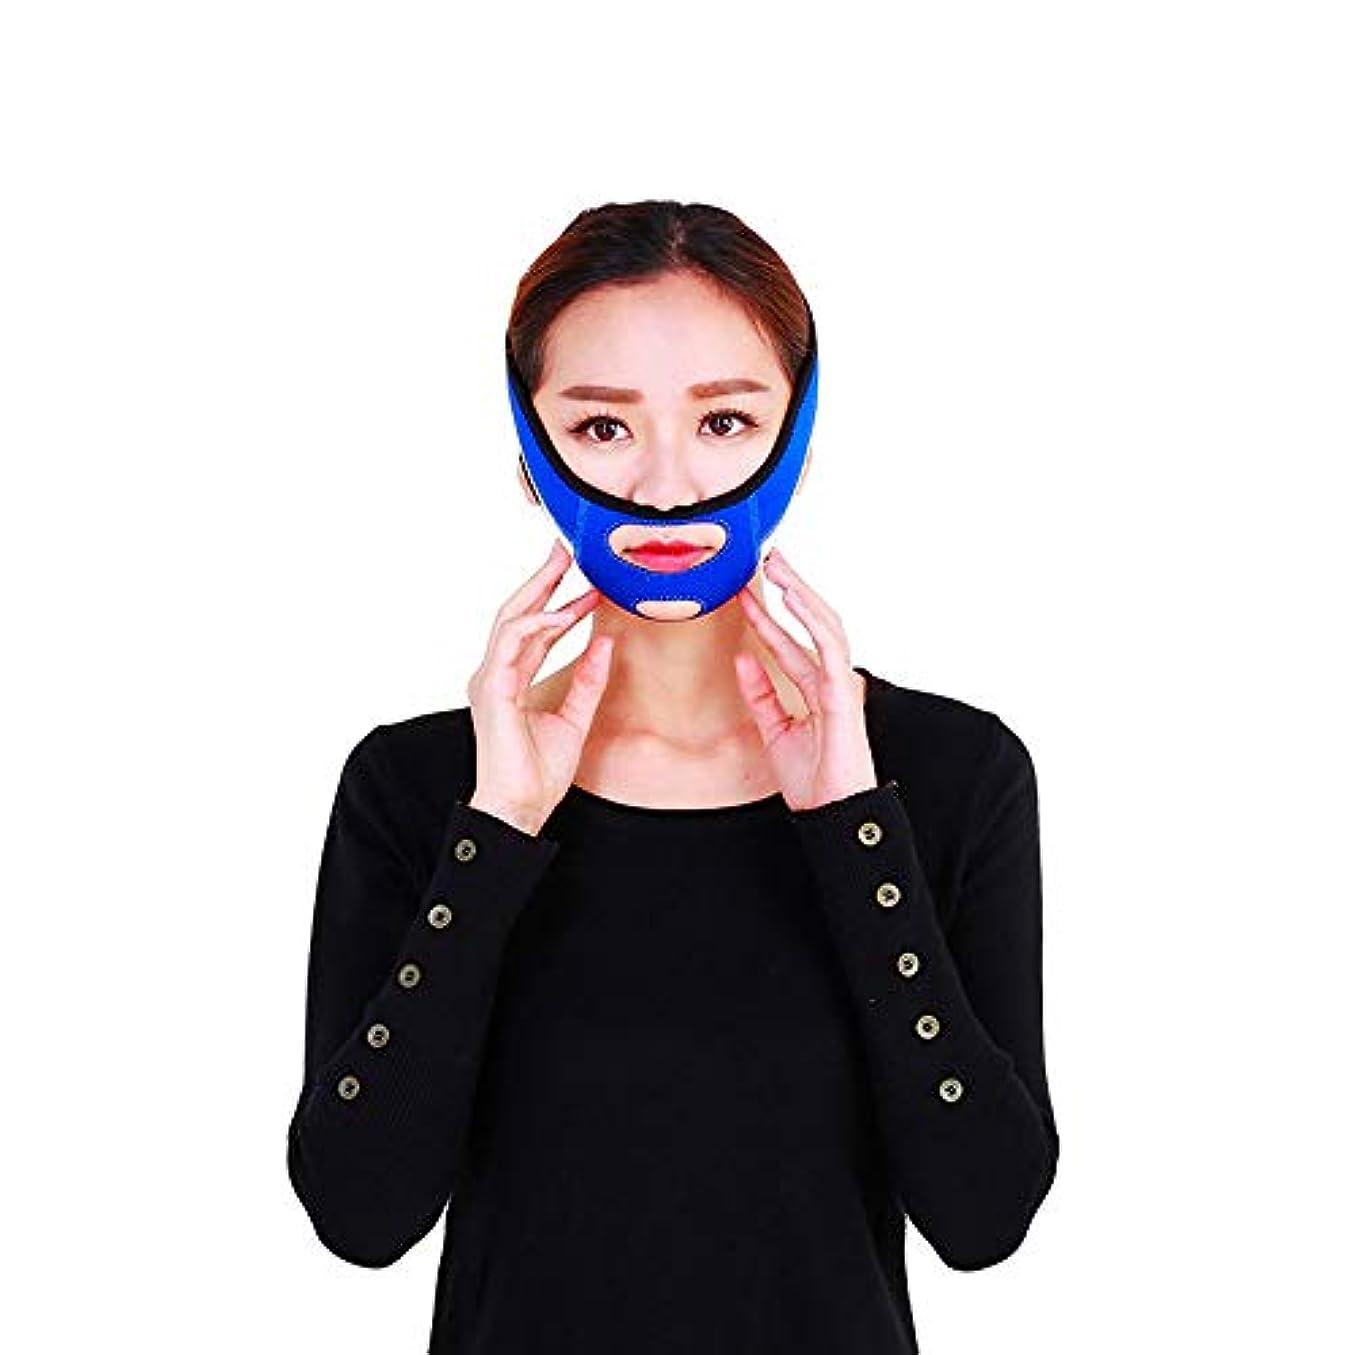 優しい宣言するトーナメント飛強強 フェイシャルリフティング痩身ベルトフェーススリム二重あごを取り除くアンチエイジングリンクルフェイス包帯マスク整形マスクが顔を引き締める スリムフィット美容ツール